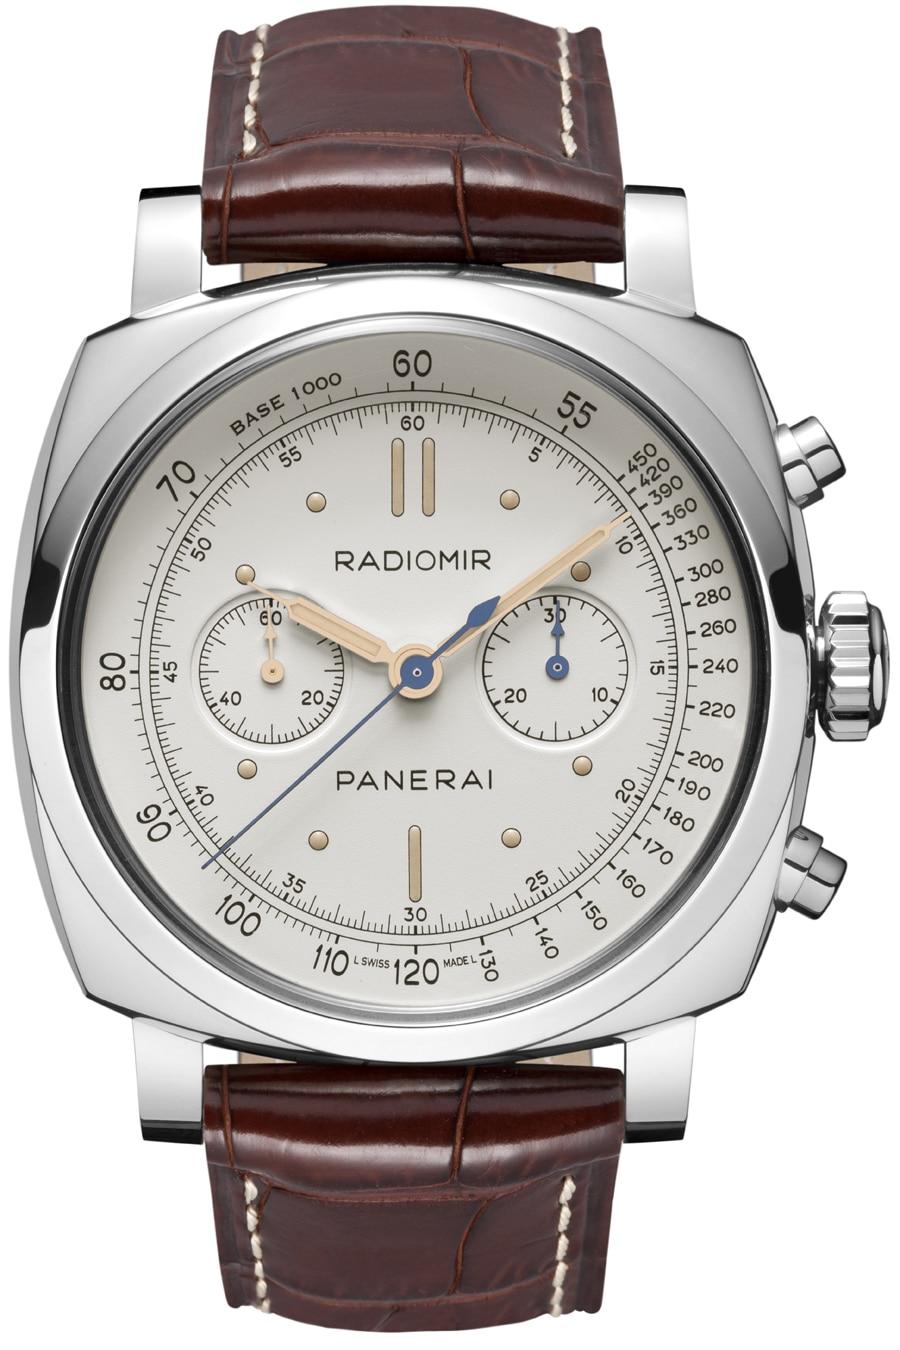 Panerai: Radiomir 1940 Chronograph Platino